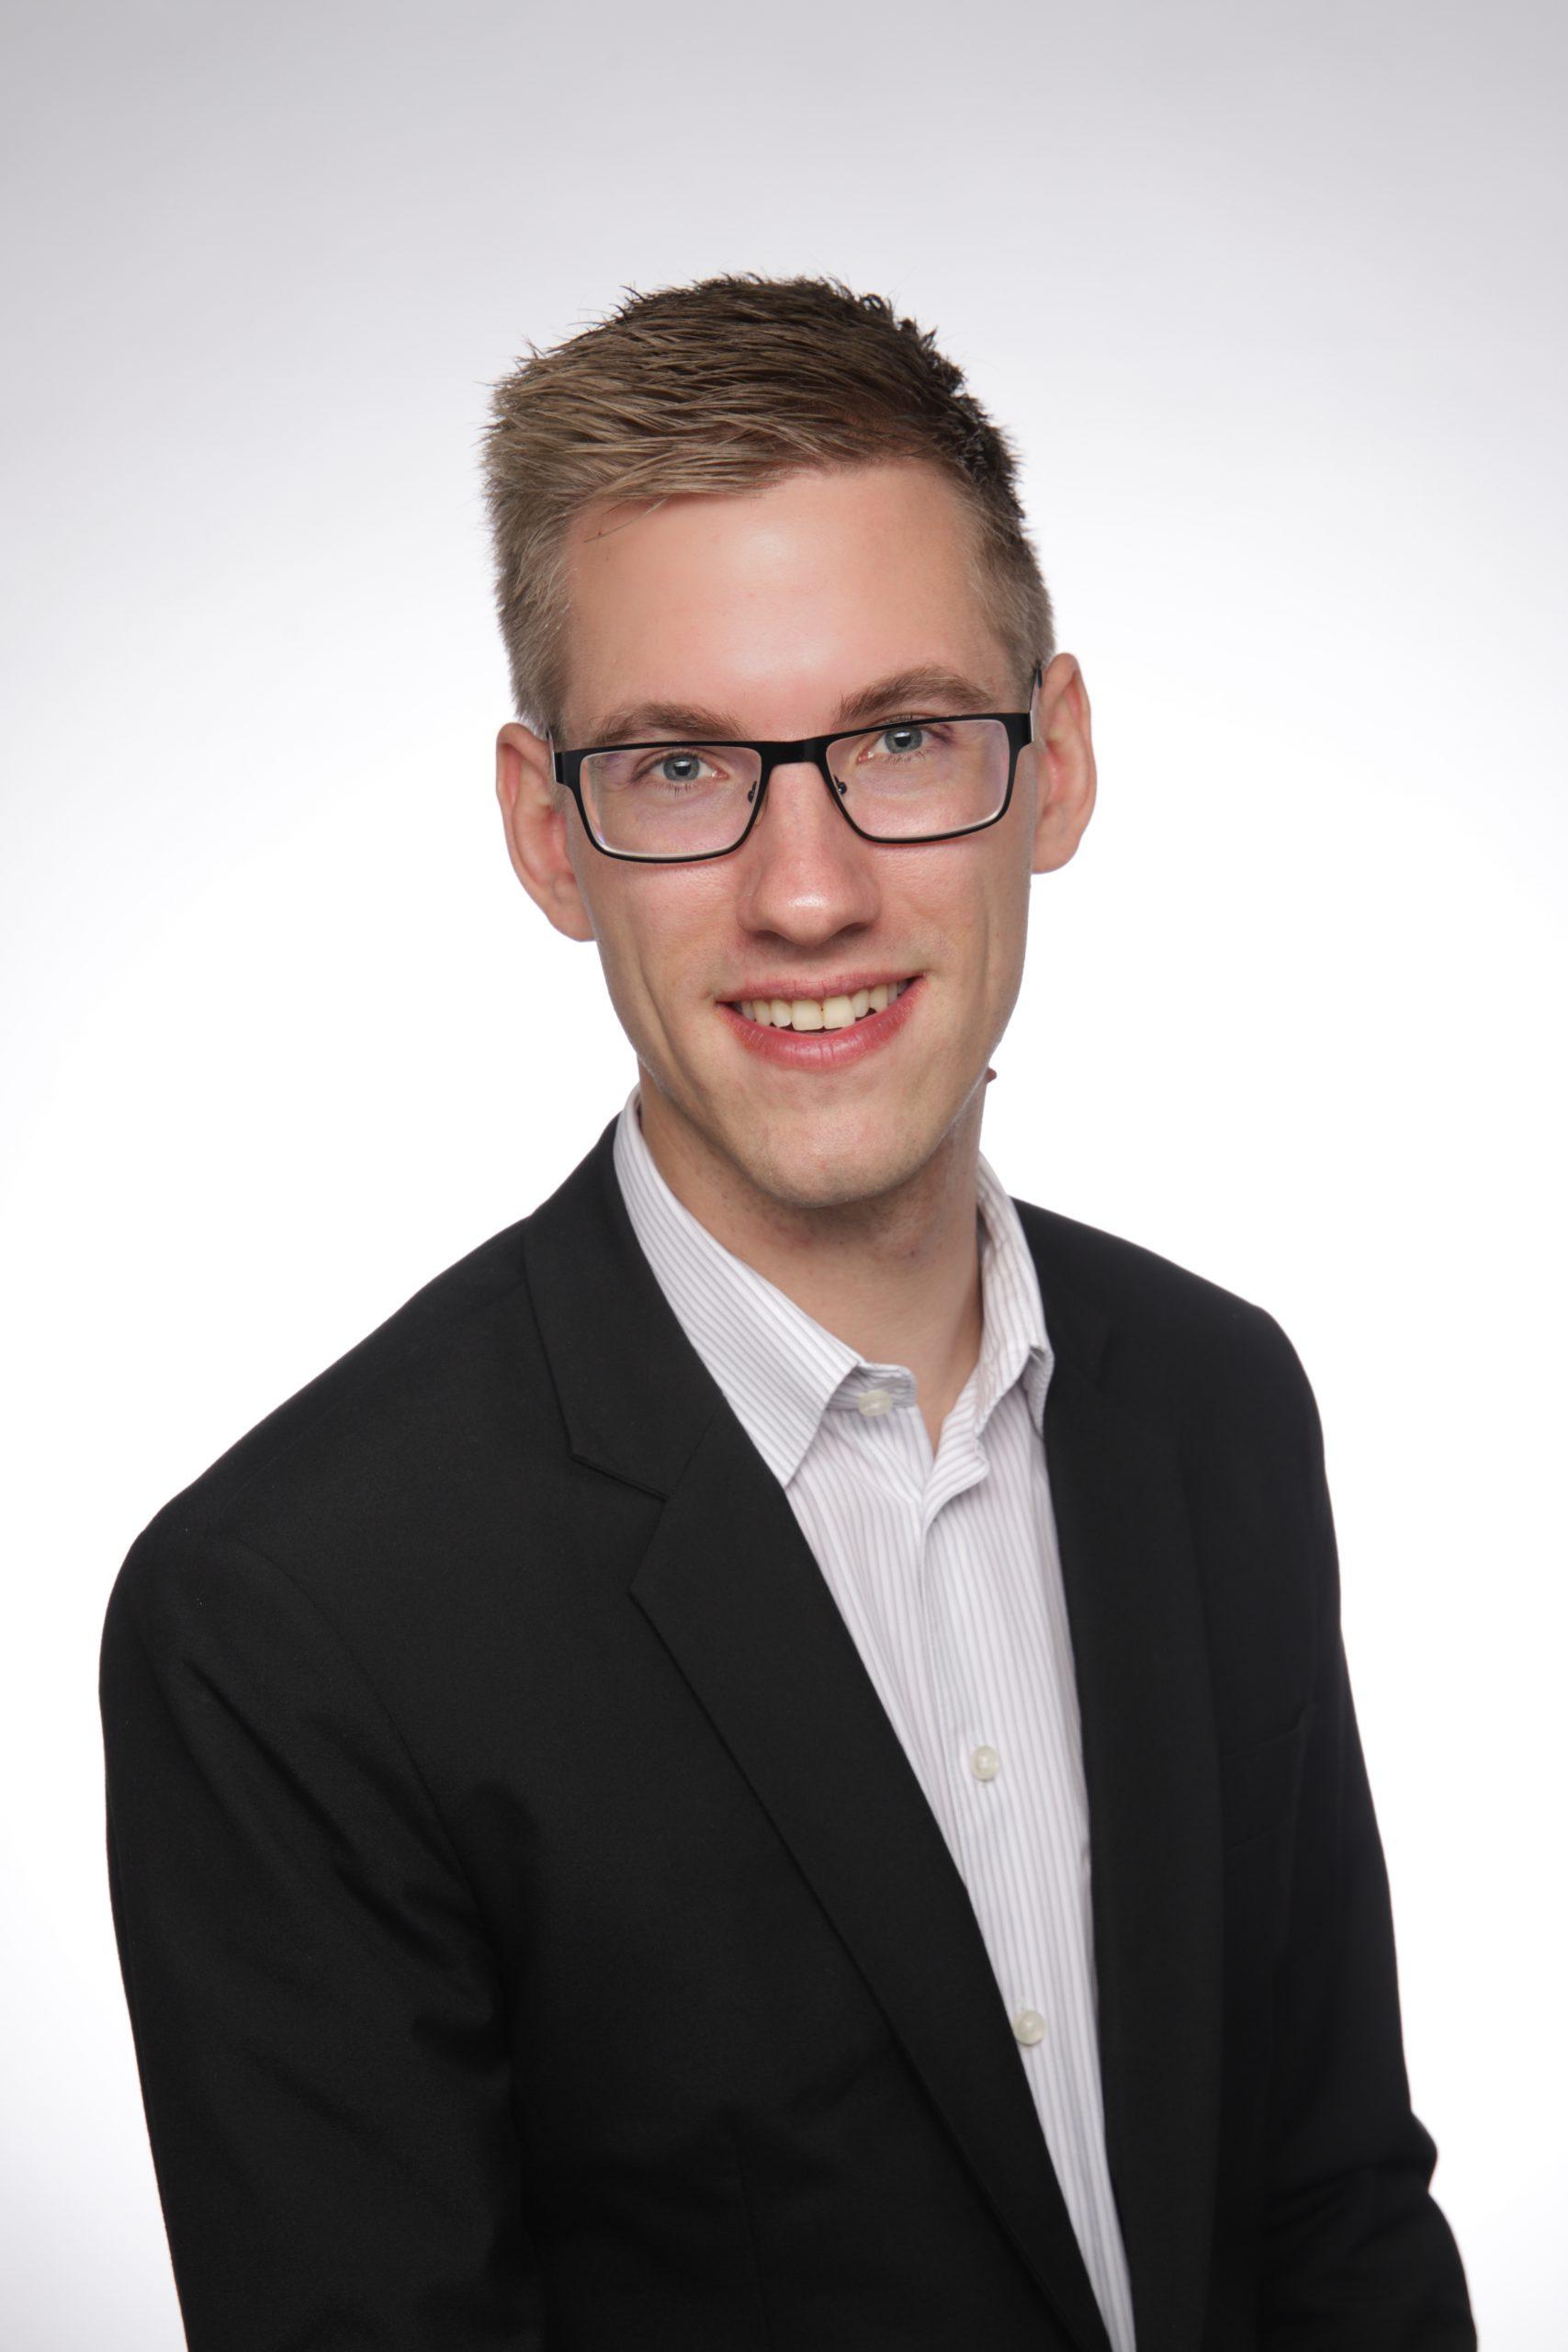 Matthias Mroczkowski, Chief Sales Officer